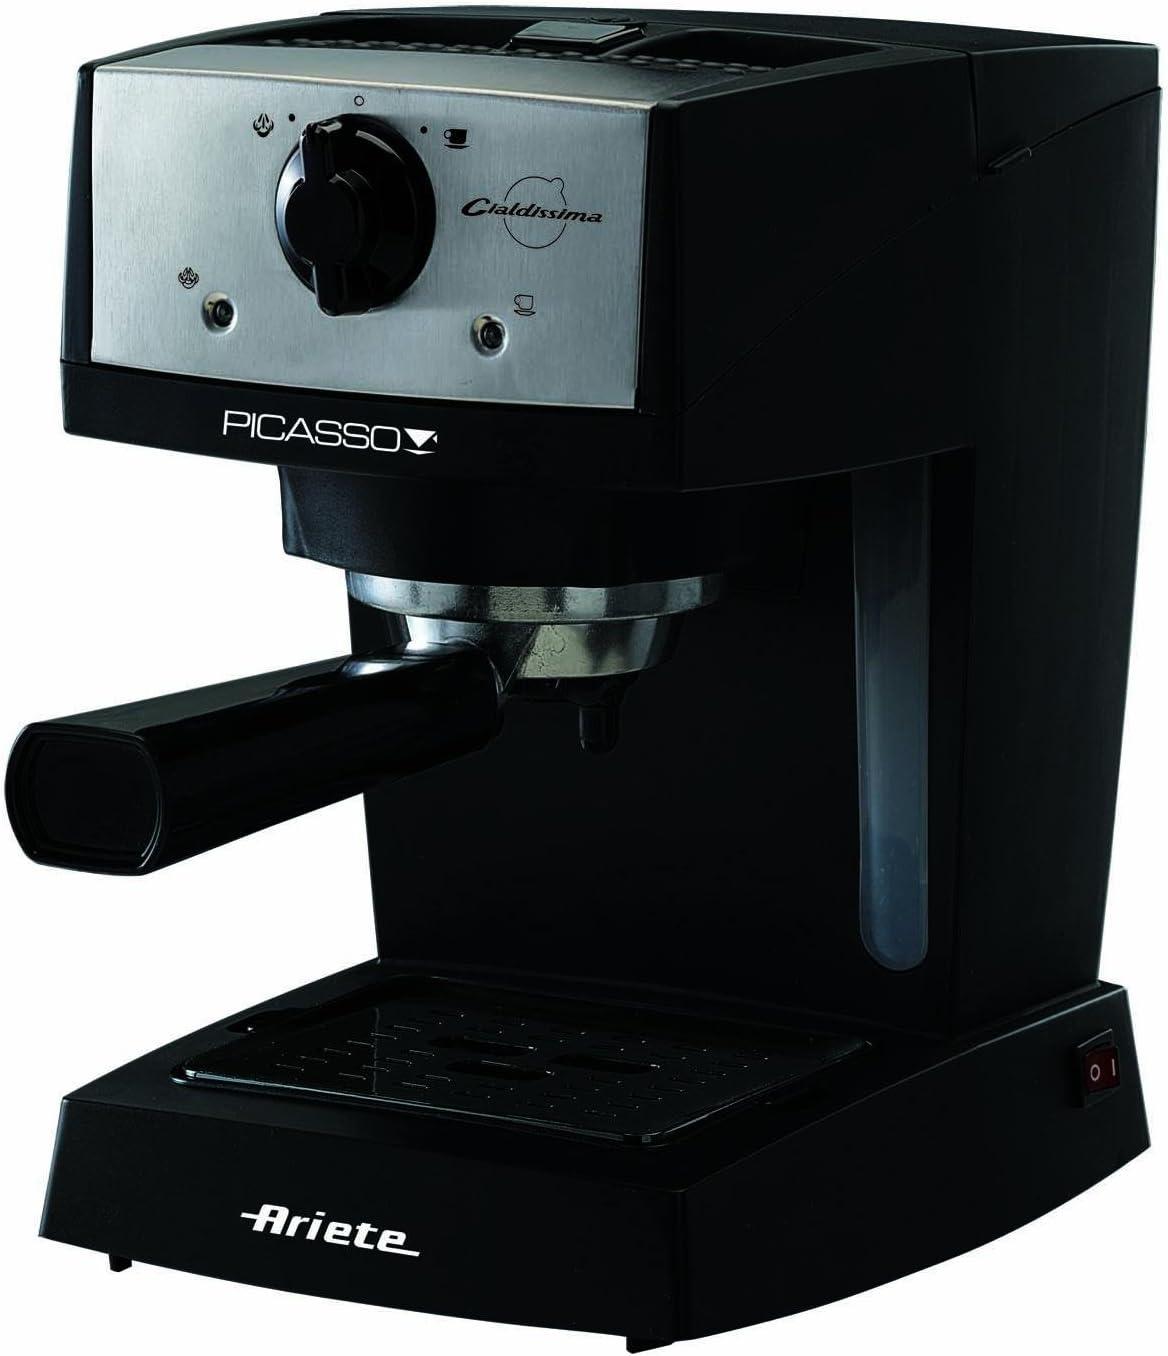 ARIETE M/CAFFE PICASSO CIALDISSIMA 1366 portafiltro ADDIZIONALE X cialde ESE: Amazon.es: Hogar